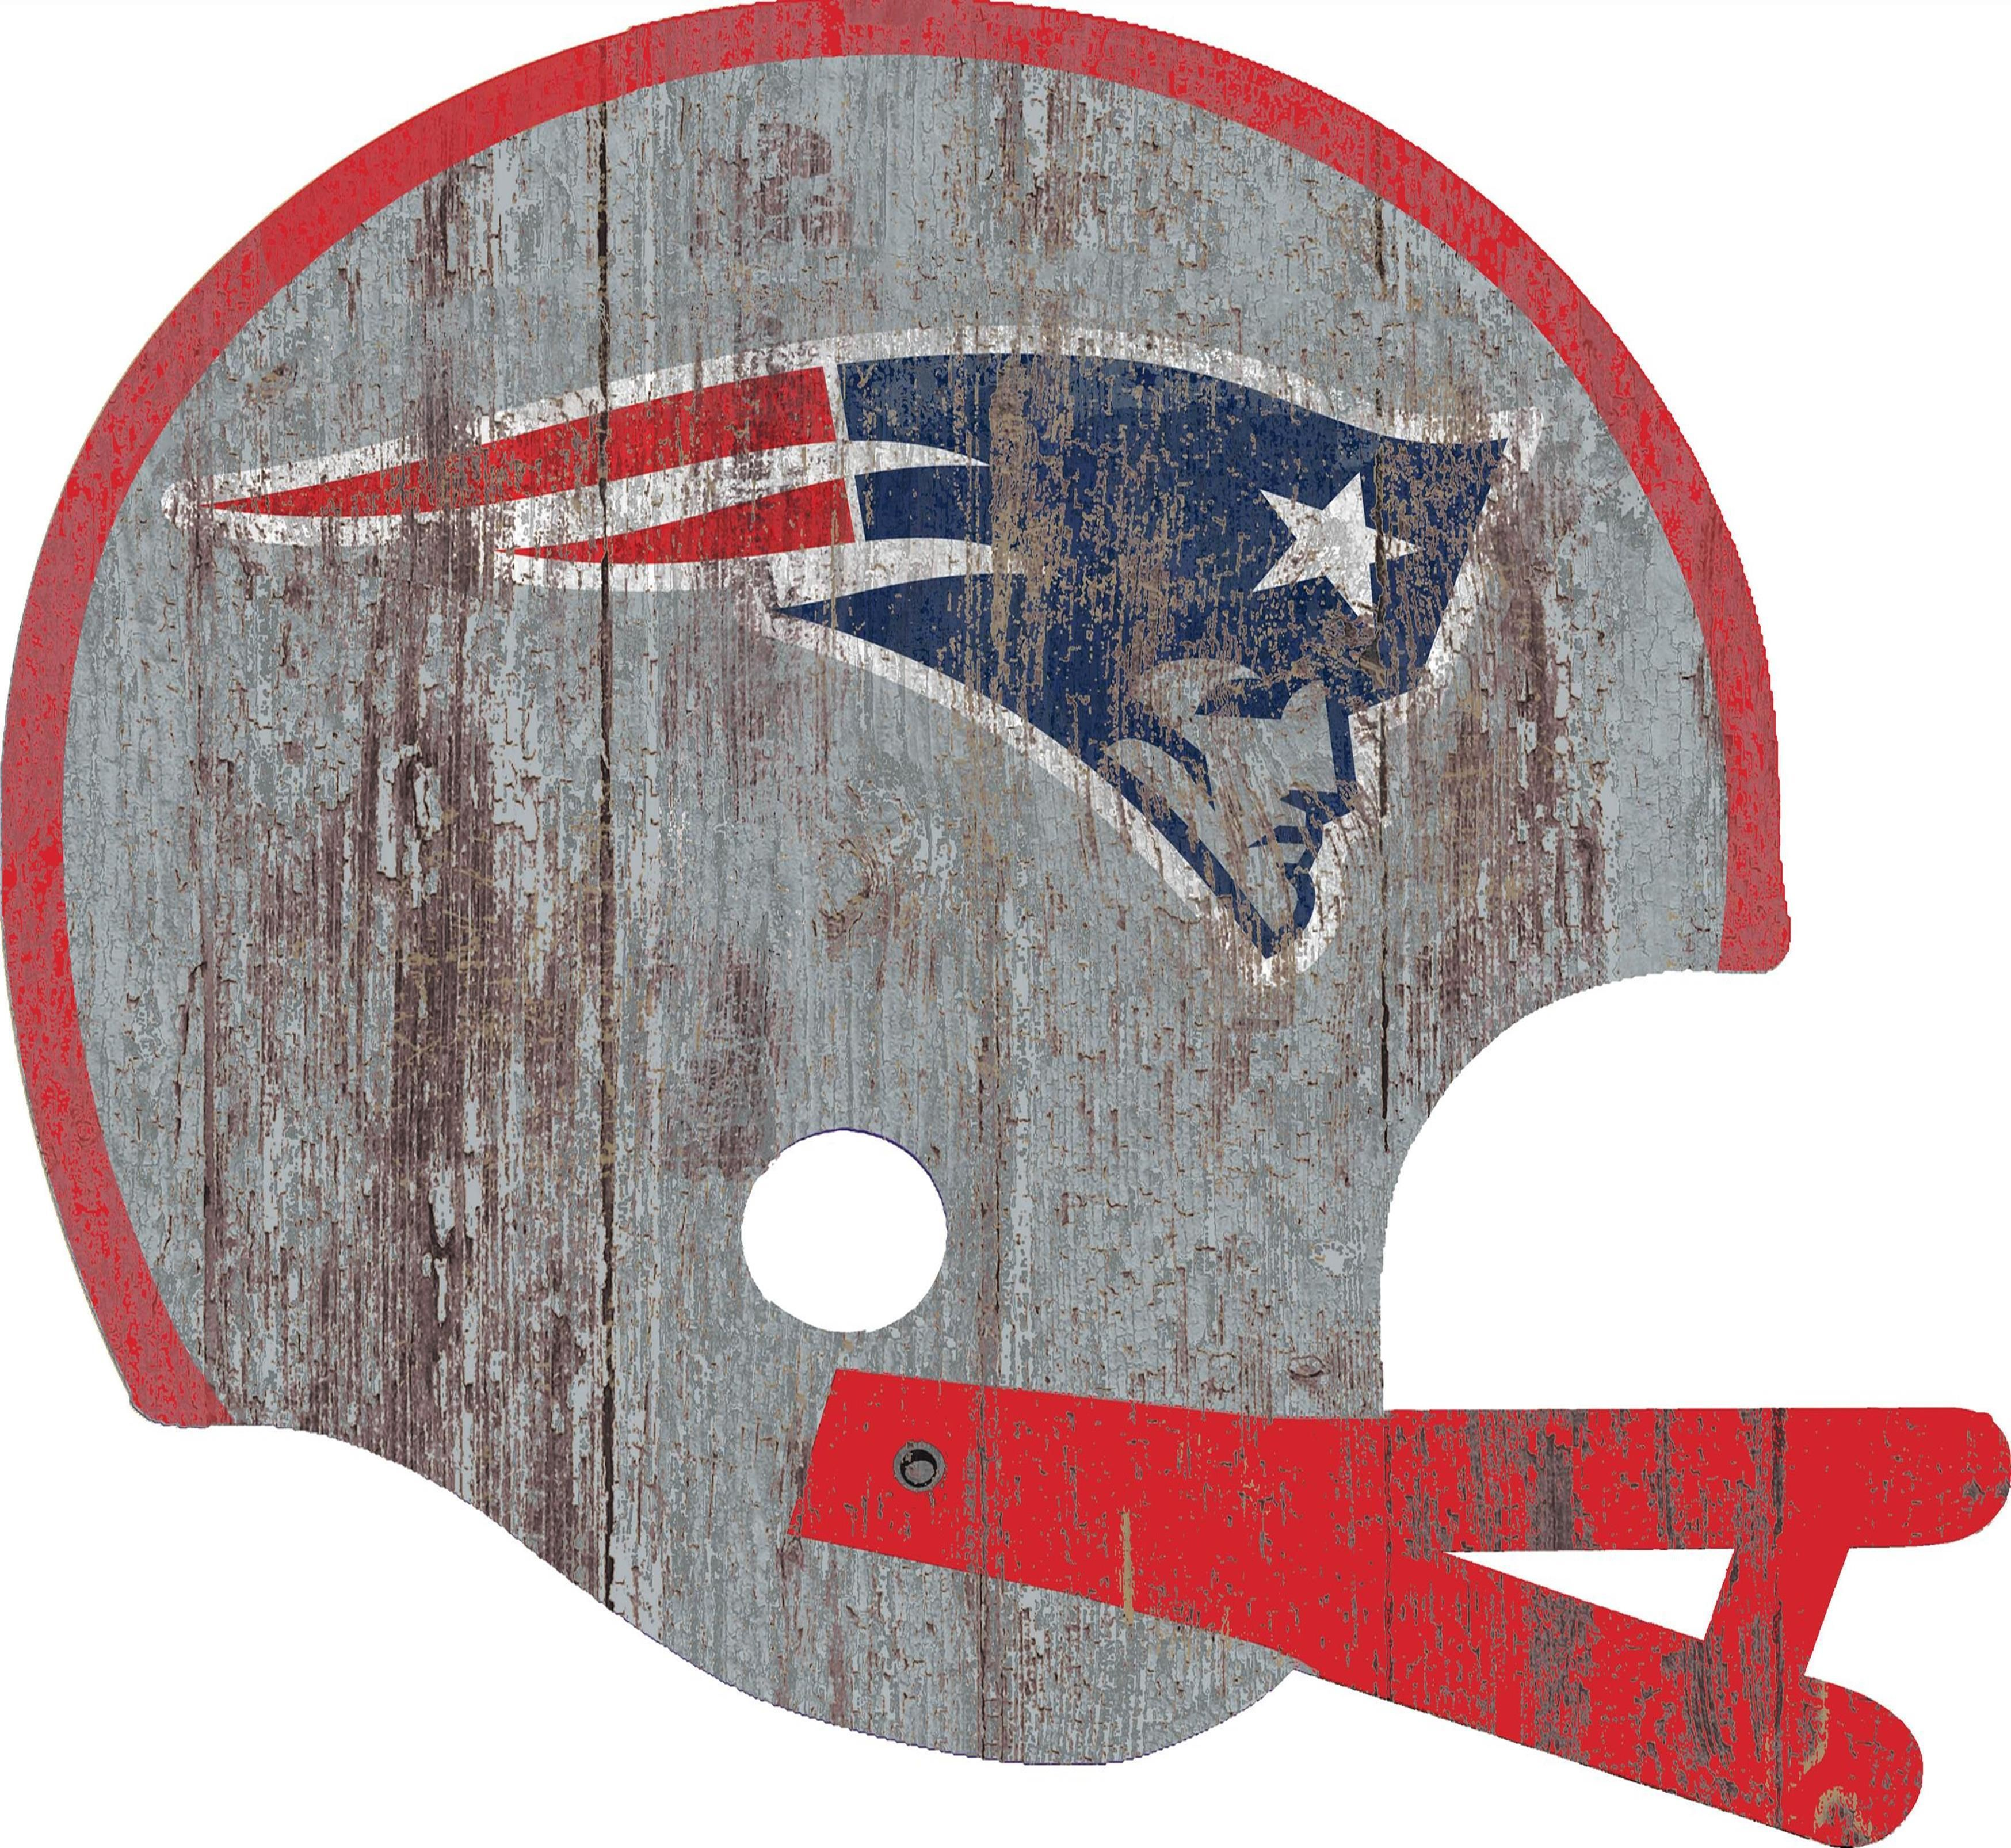 New England Patriots Distressed Helmet Cutout 24 Wall Art Fan Creations Patriots Fans Nfl New England Patriots